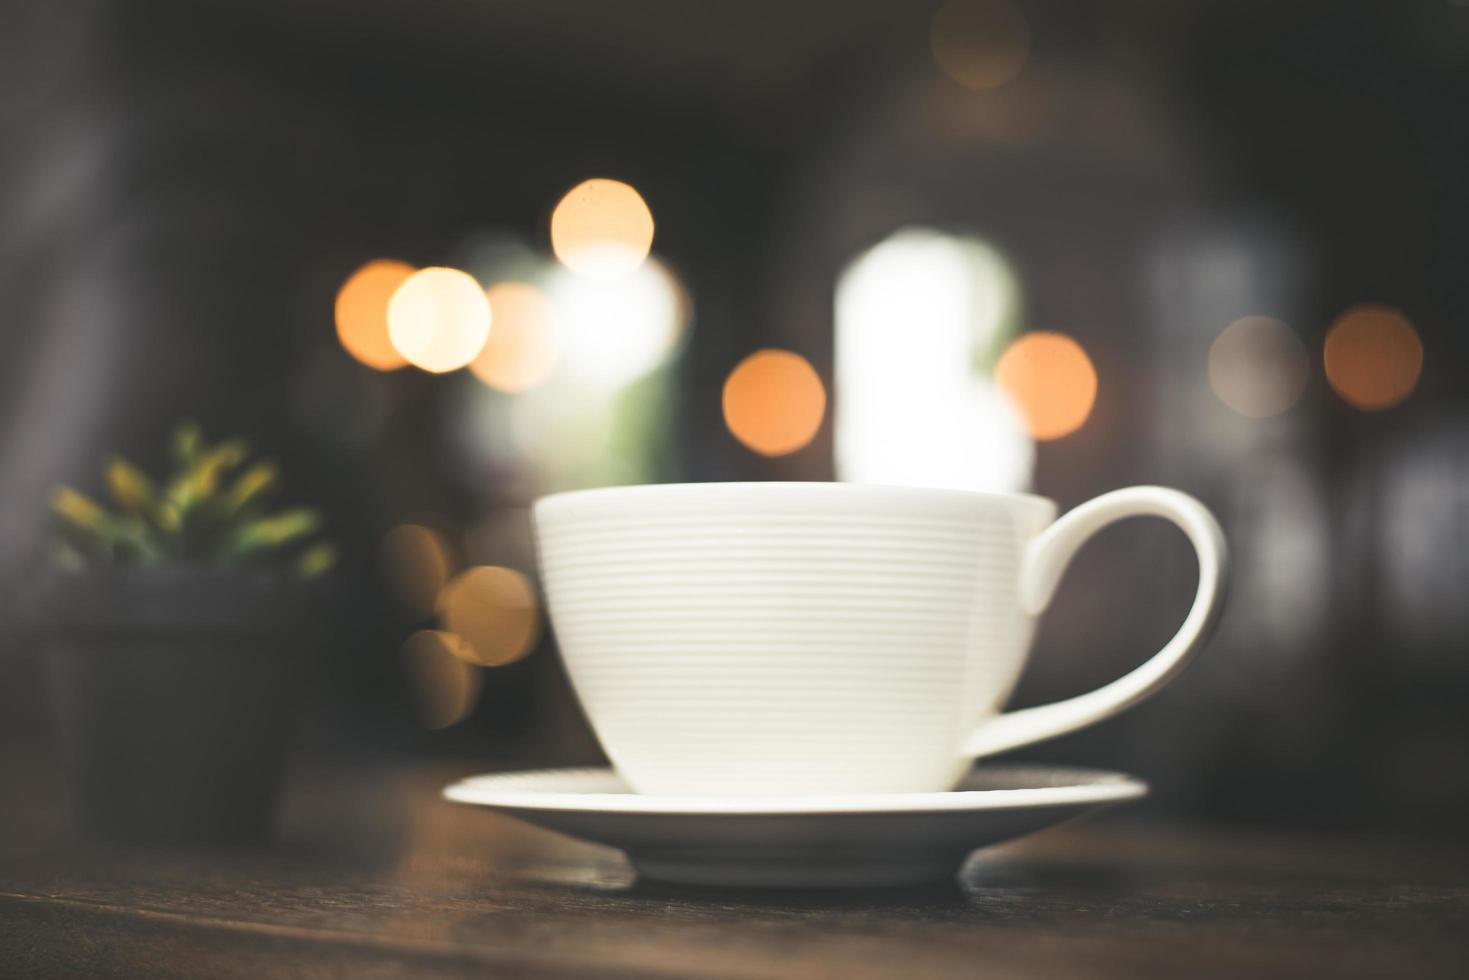 effet de style vintage photo d'une tasse de café dans un café